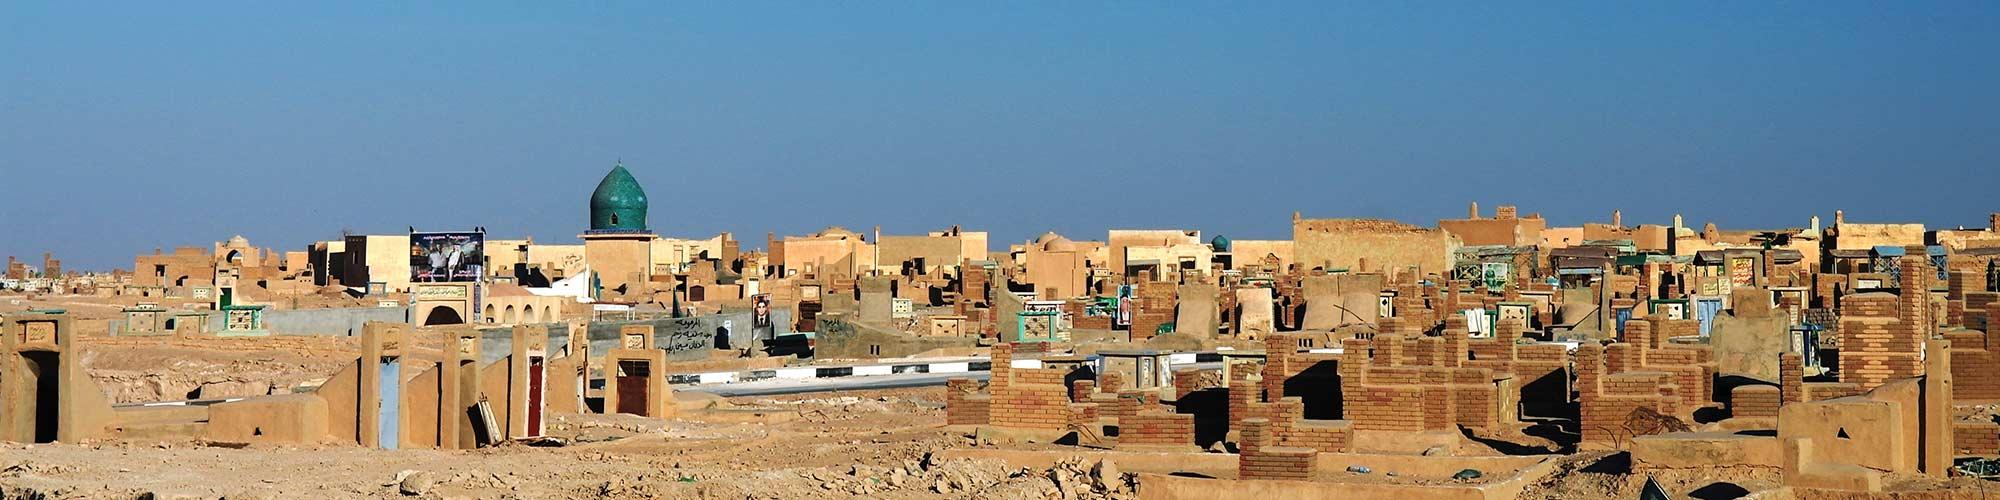 Wadi Us Salaam - El Pais Viajes